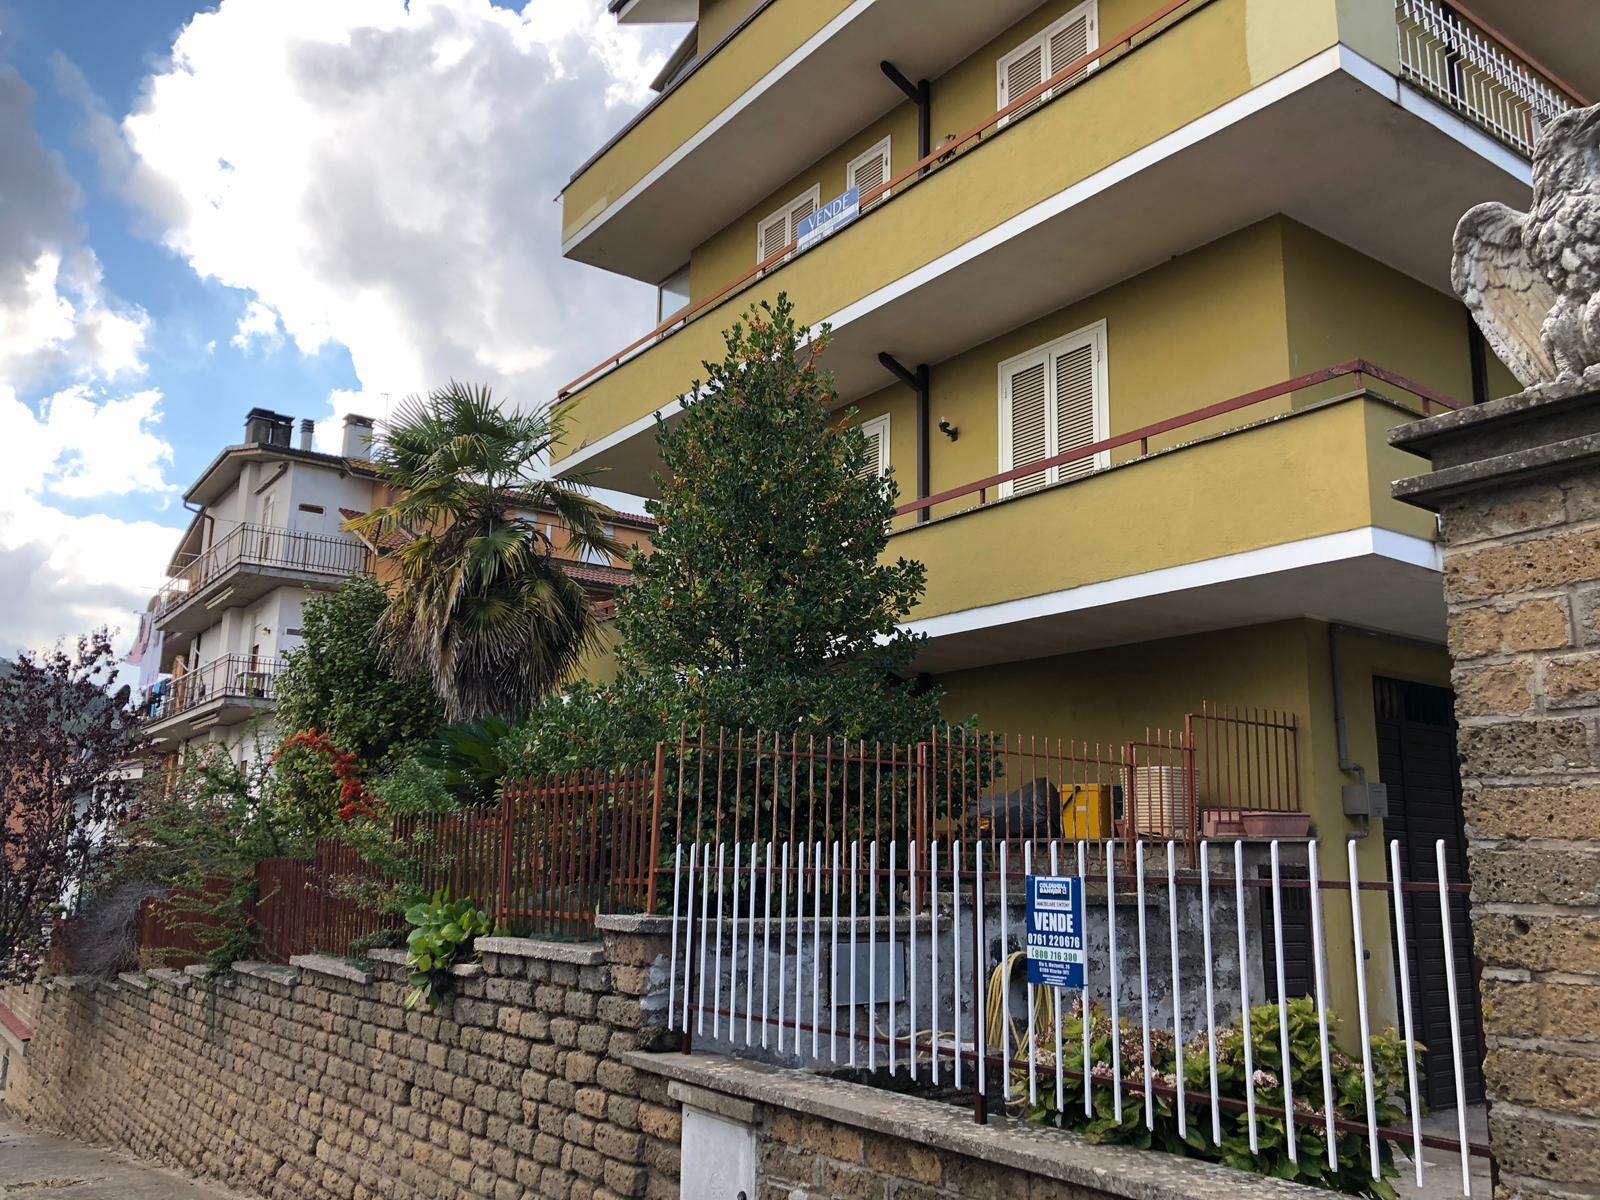 Appartamento in vendita a Canepina, 6 locali, prezzo € 70.000 | CambioCasa.it